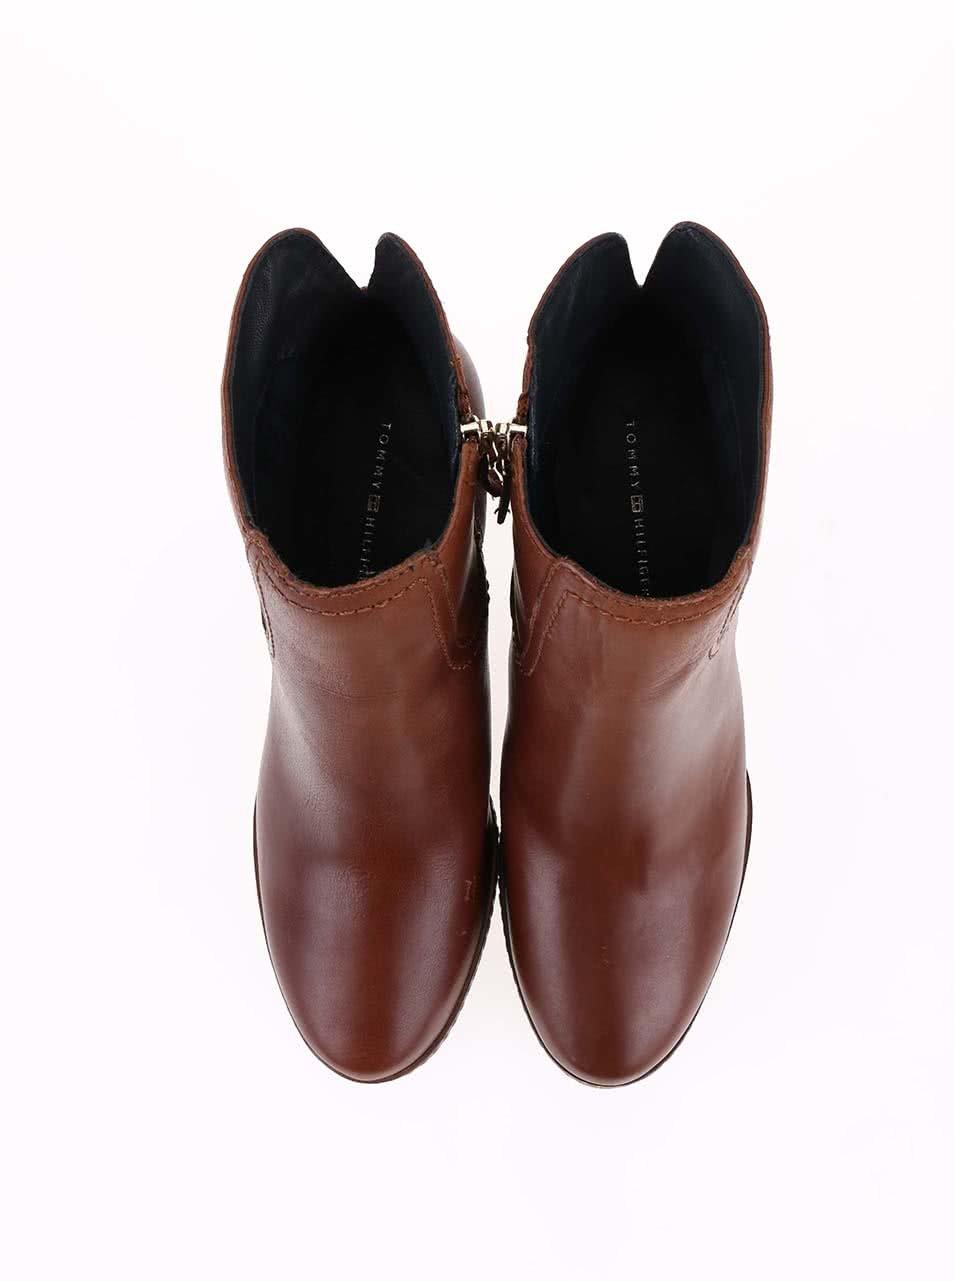 415efcba8b7 Hnědé kožené kotníkové boty na podpatku Tommy Hilfiger Jenina ...